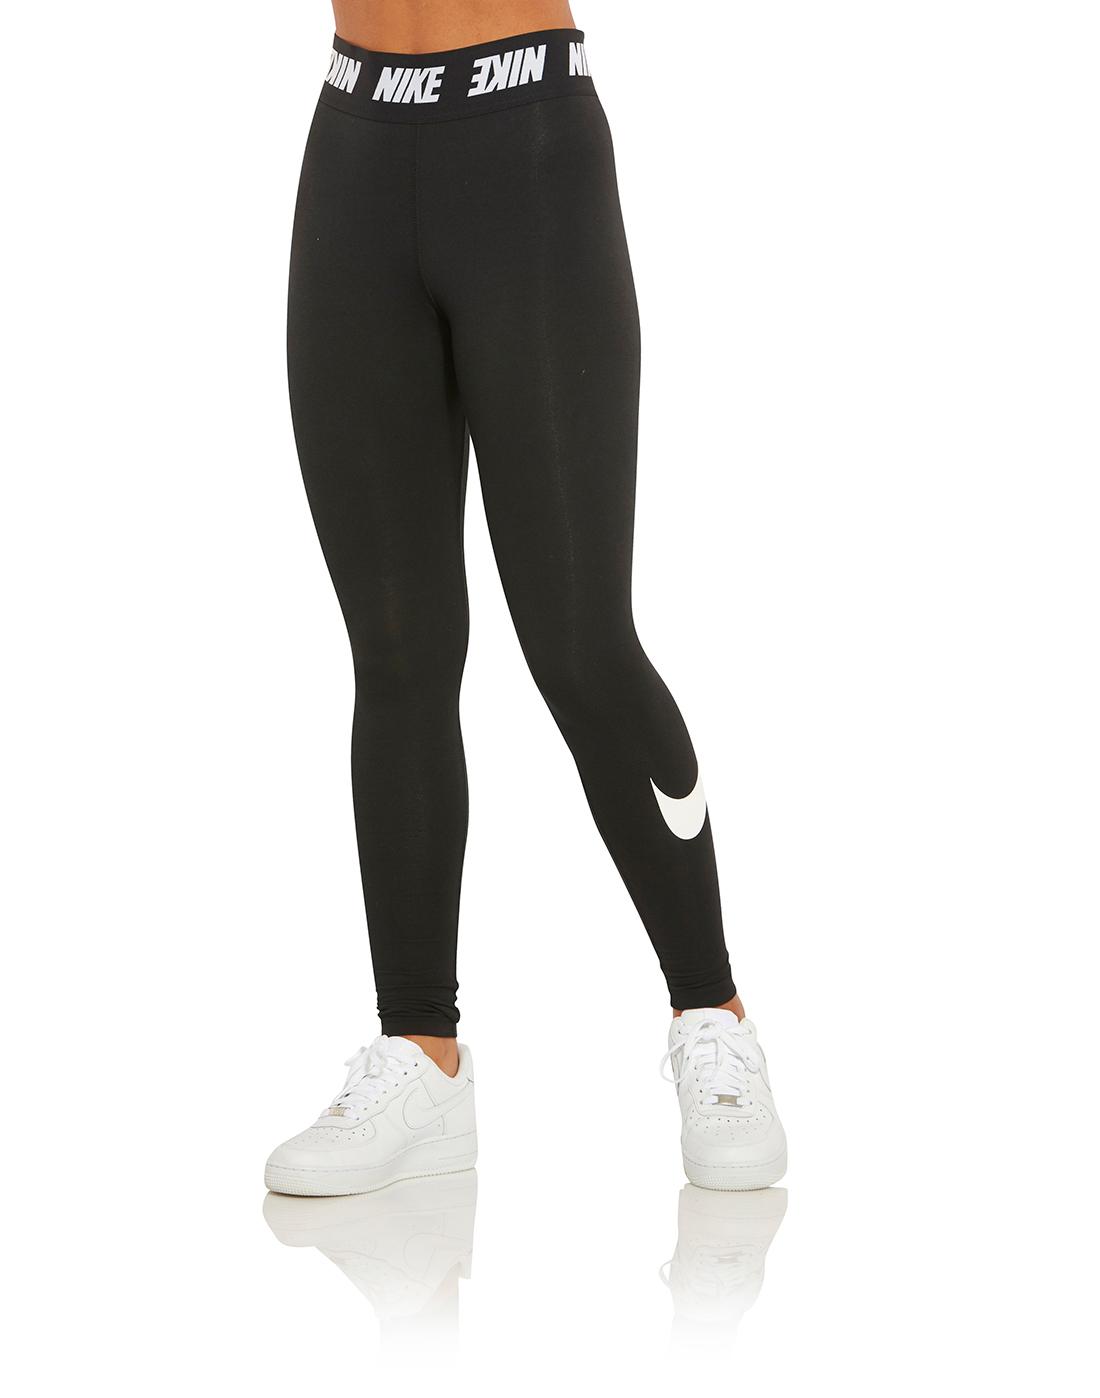 Nike Womens High Waist Club Legging  99befdc5ca8f